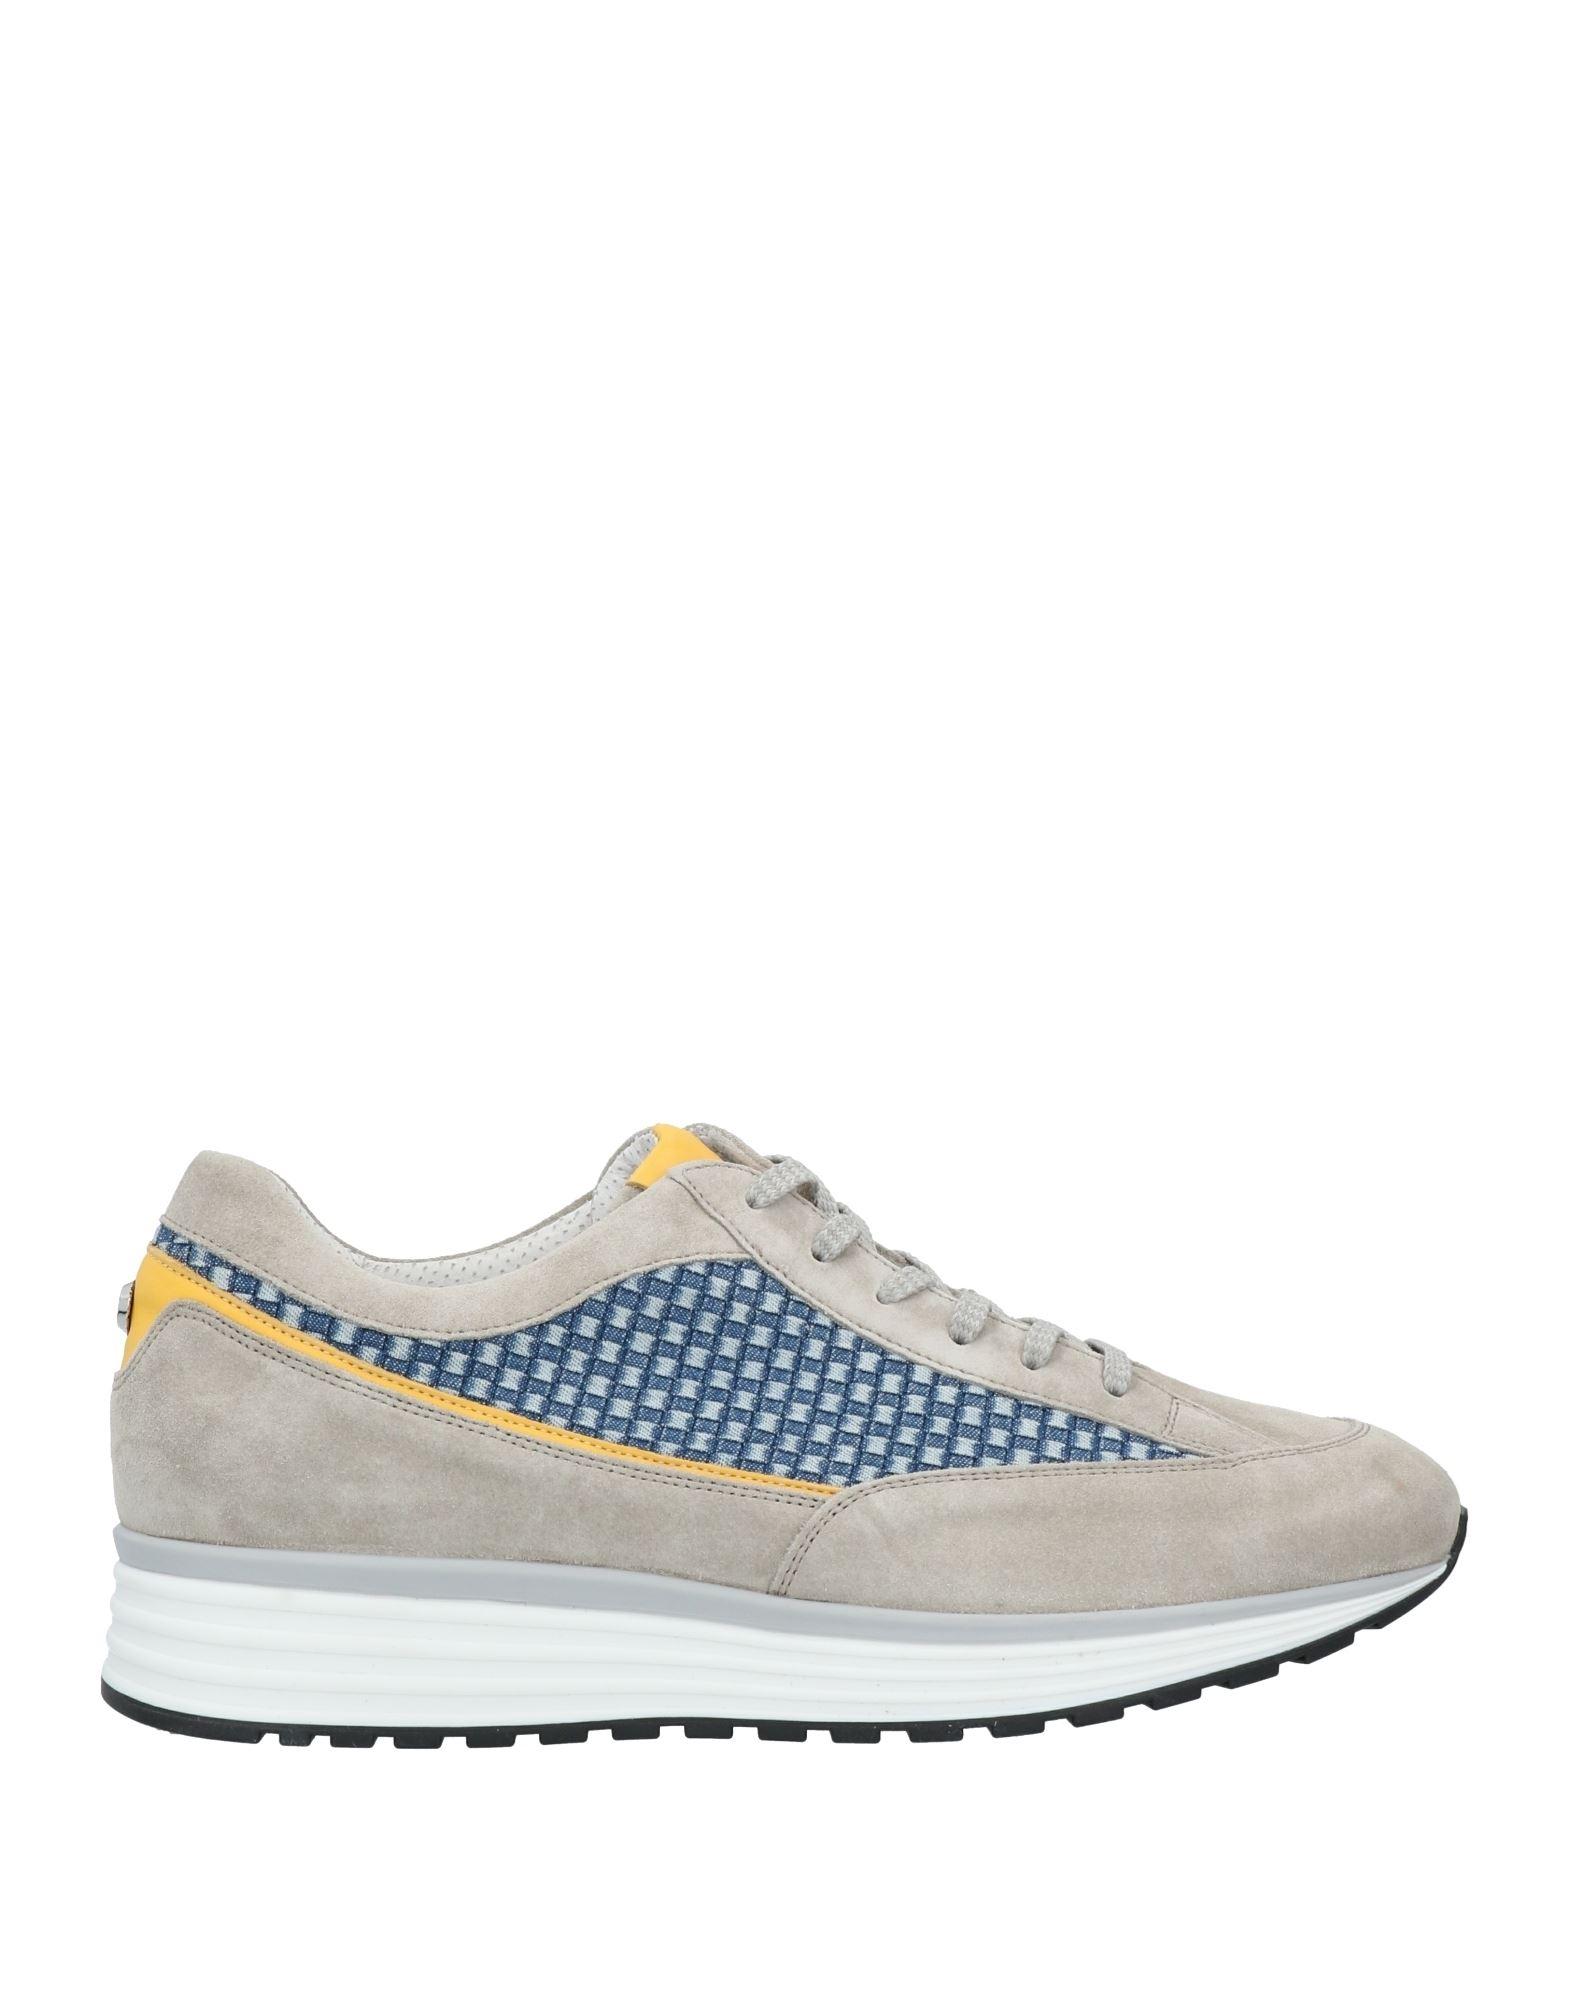 ALBERTO GUARDIANI Low-tops & sneakers - Item 17001186